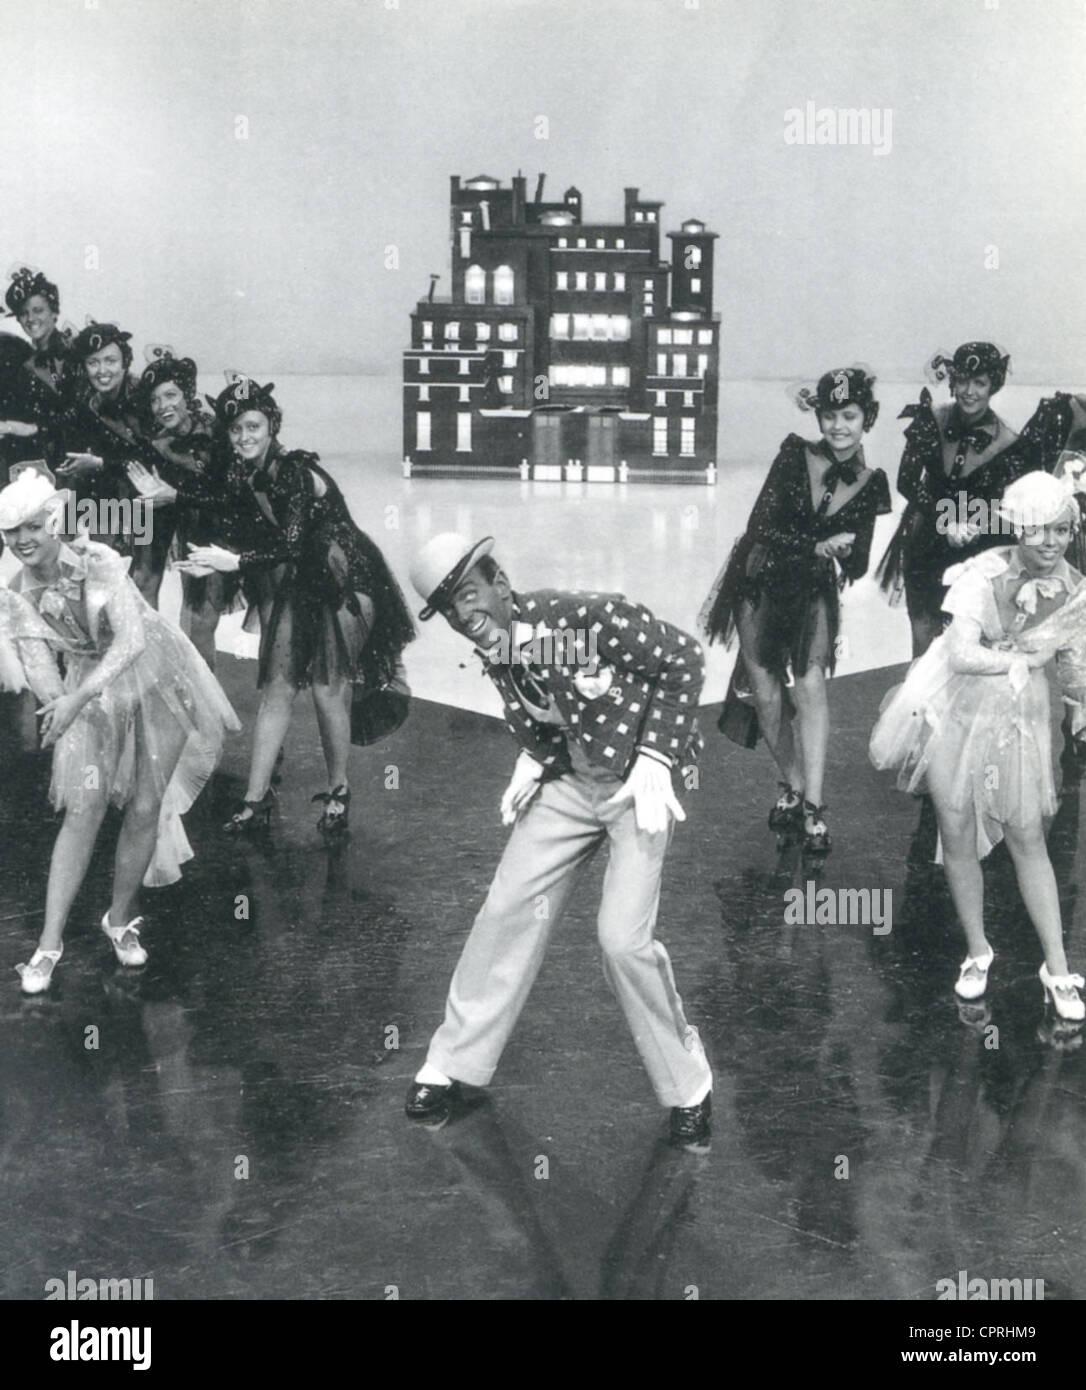 Il tempo di rotazione 1936 RKO film con Fred Astaire in blackface per la 'Bojangles di Harlem' numero Immagini Stock